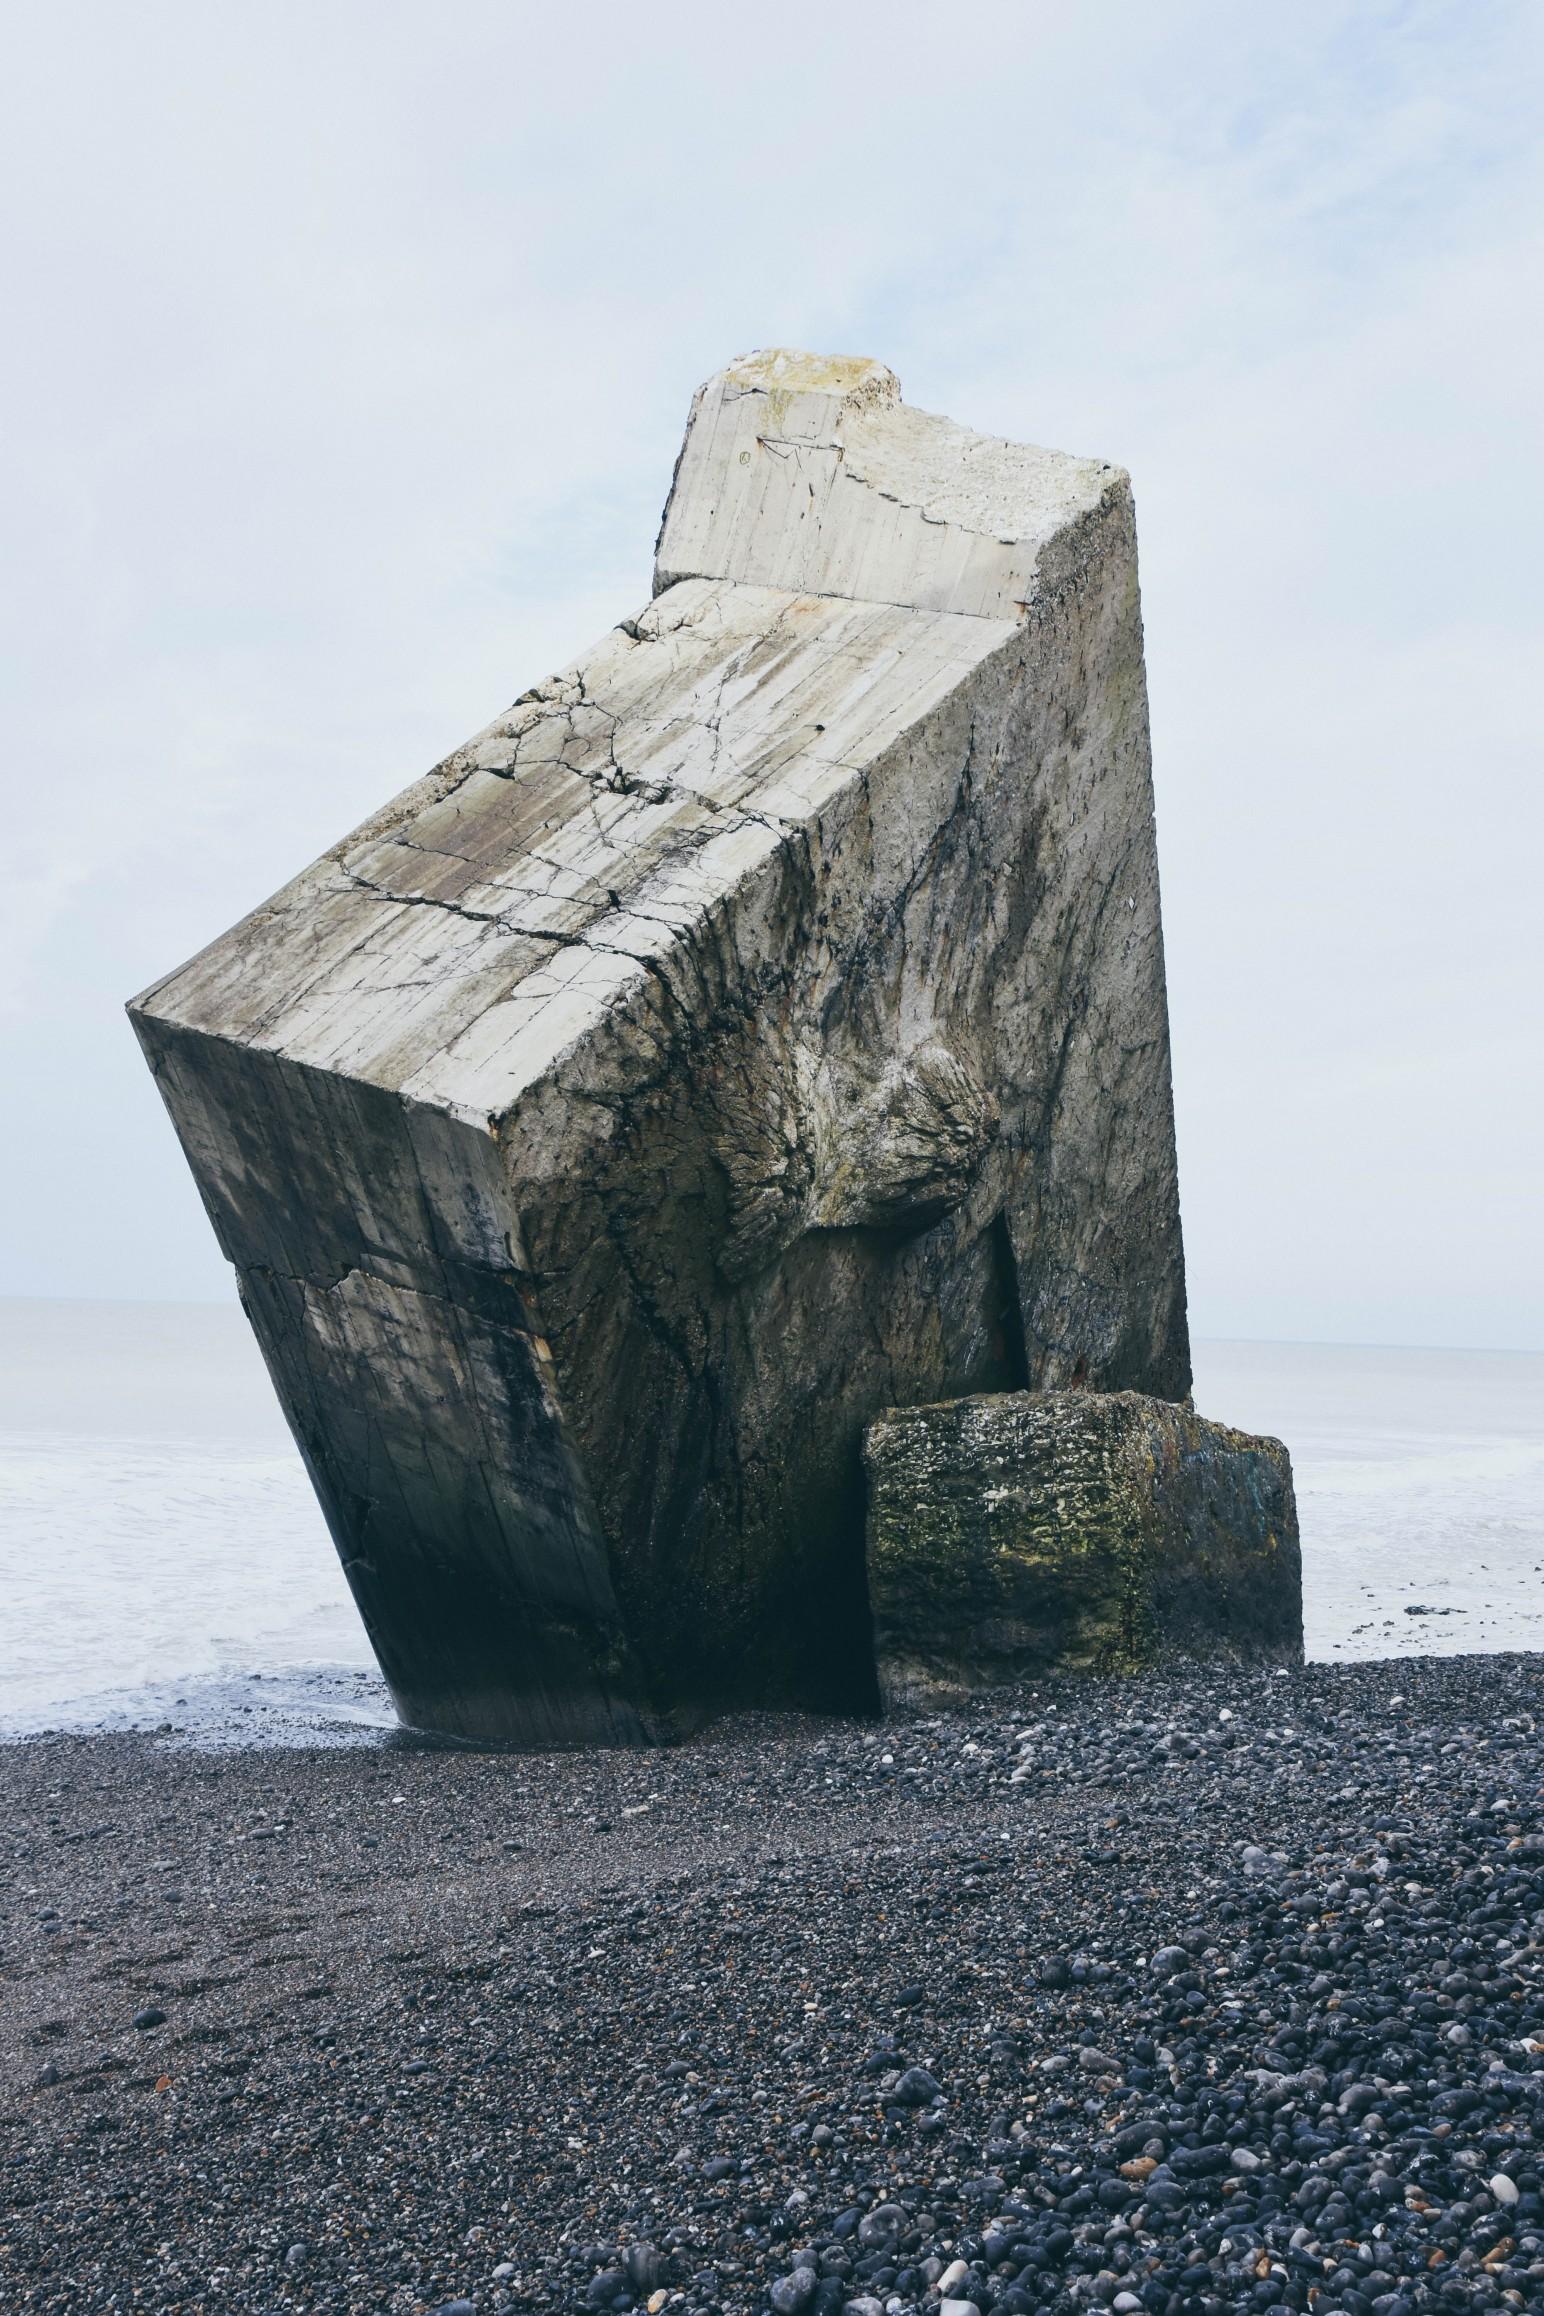 Ein großer, stabiler Fels an einem Strand